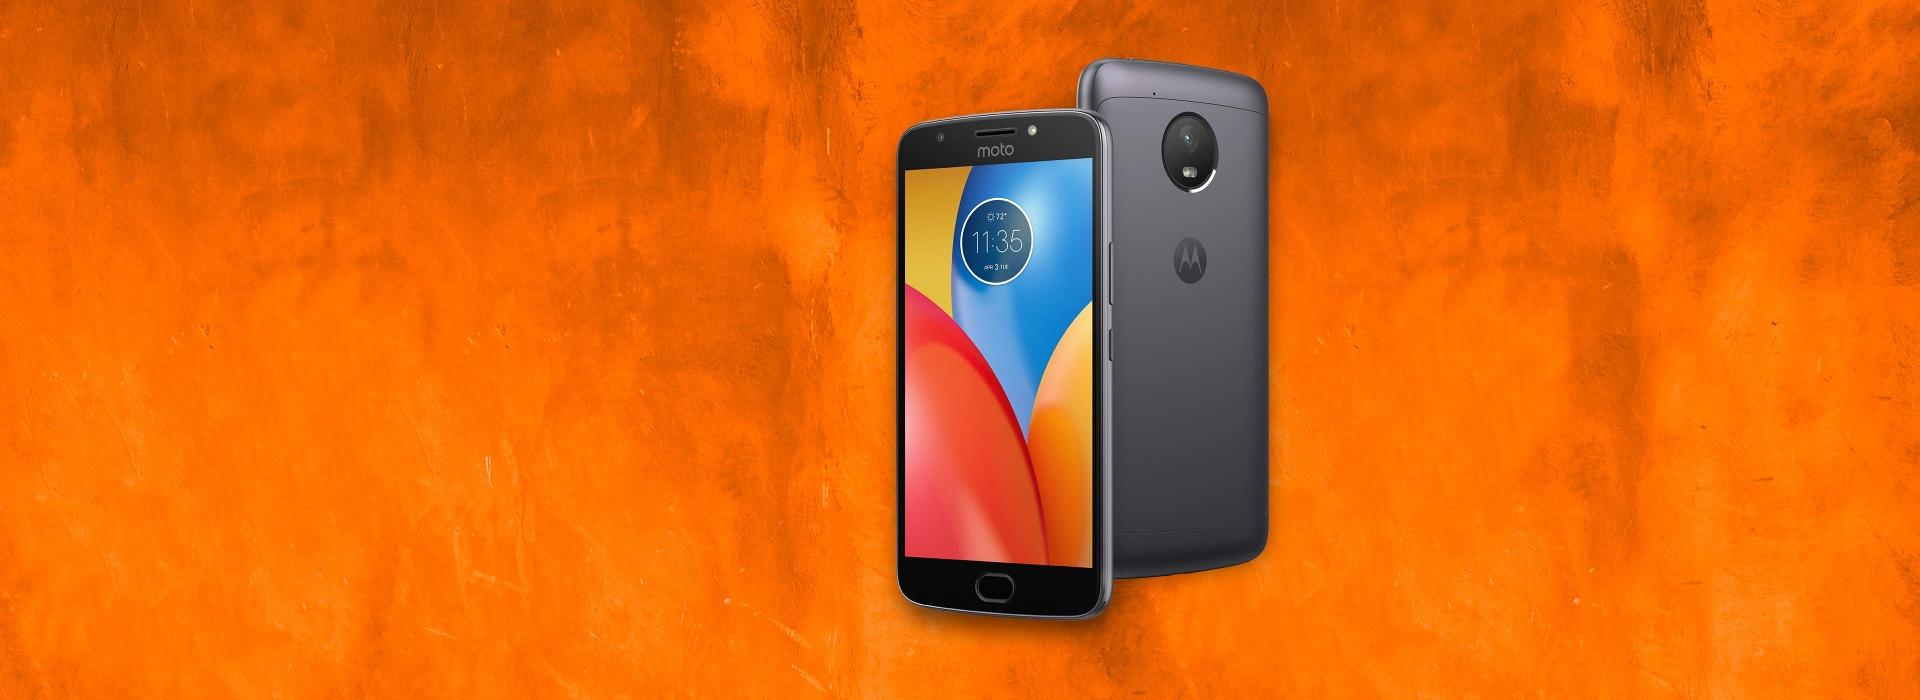 Motorola анонсировала Moto E4 и Moto E4 Plus — бюджетные устройства с мощной батареей